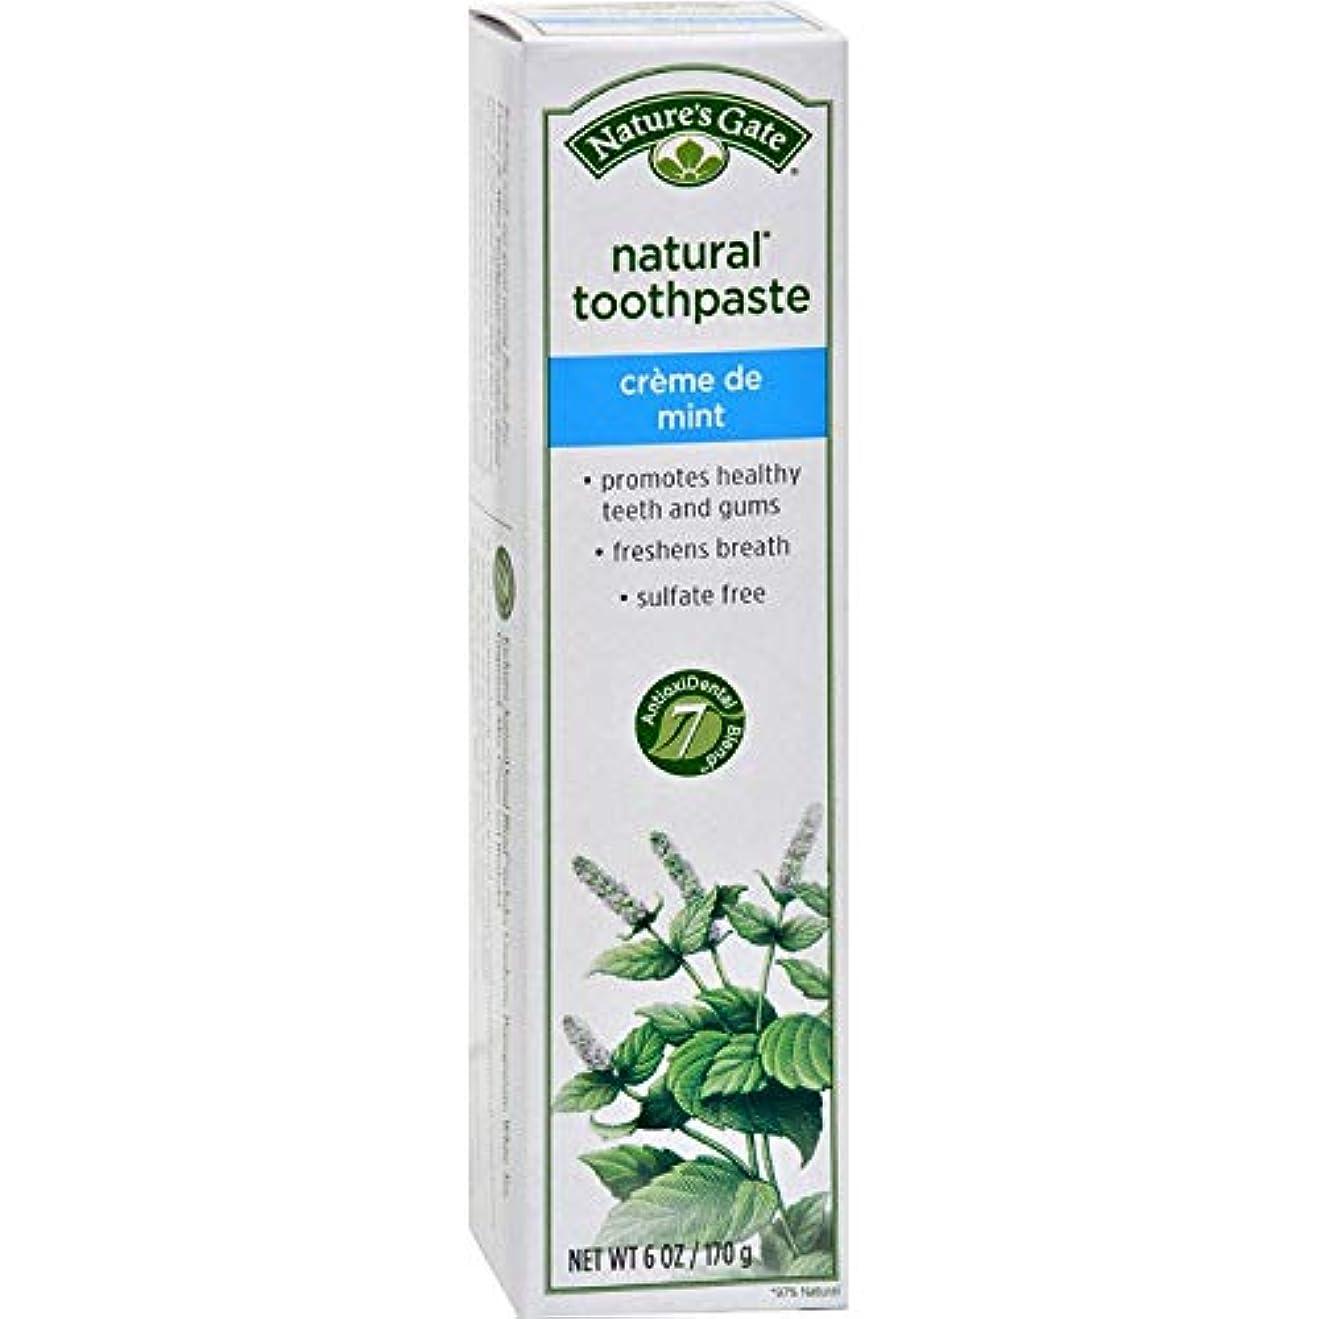 クローゼット式浅いNature's Gate, Natural Toothpaste, Creme de Mint, 6 oz (170 g)